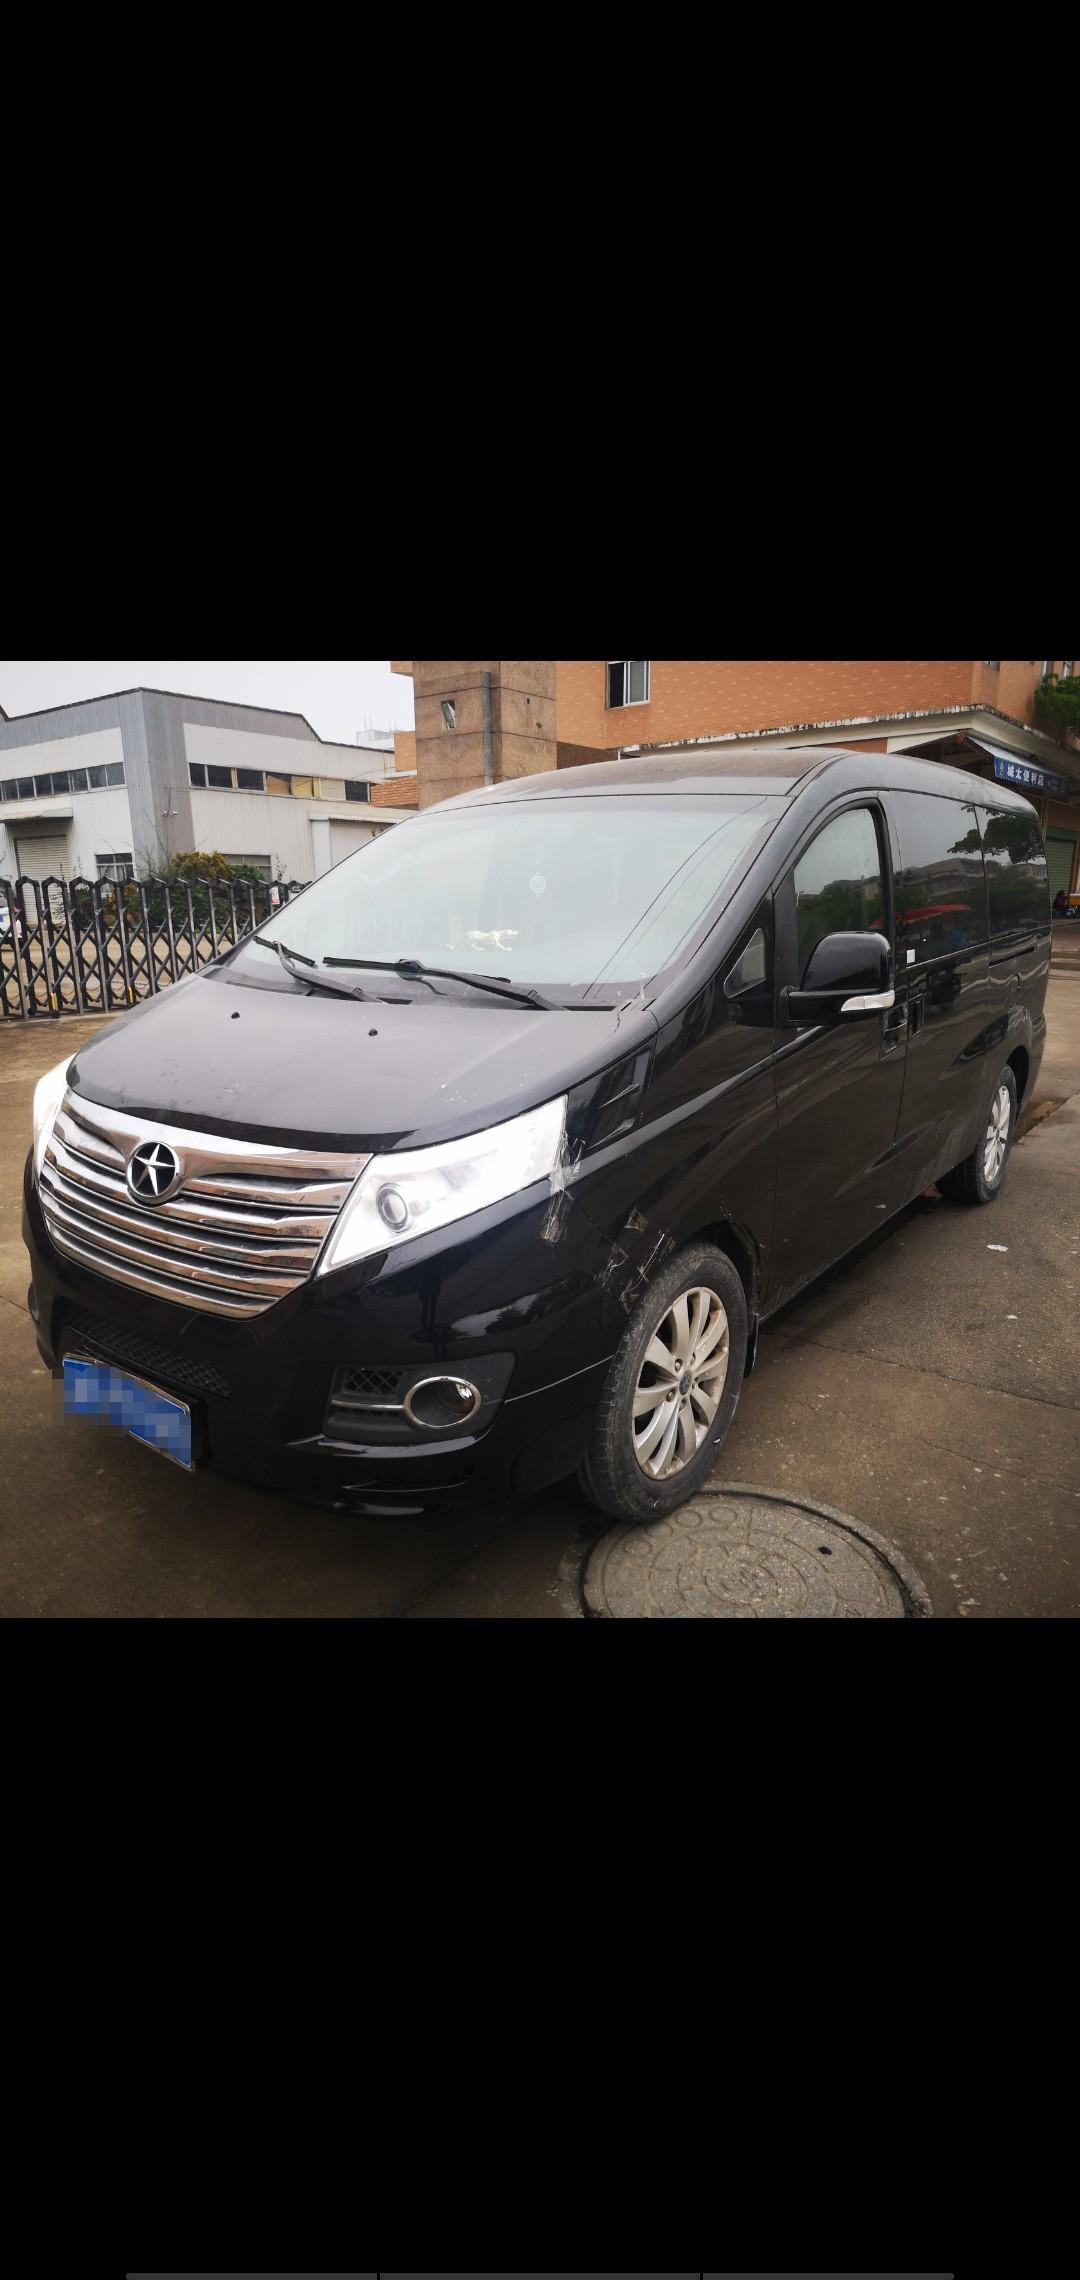 2014年5月 江淮 瑞風M5  彩旅 2.0T 汽油自動商務版圖片